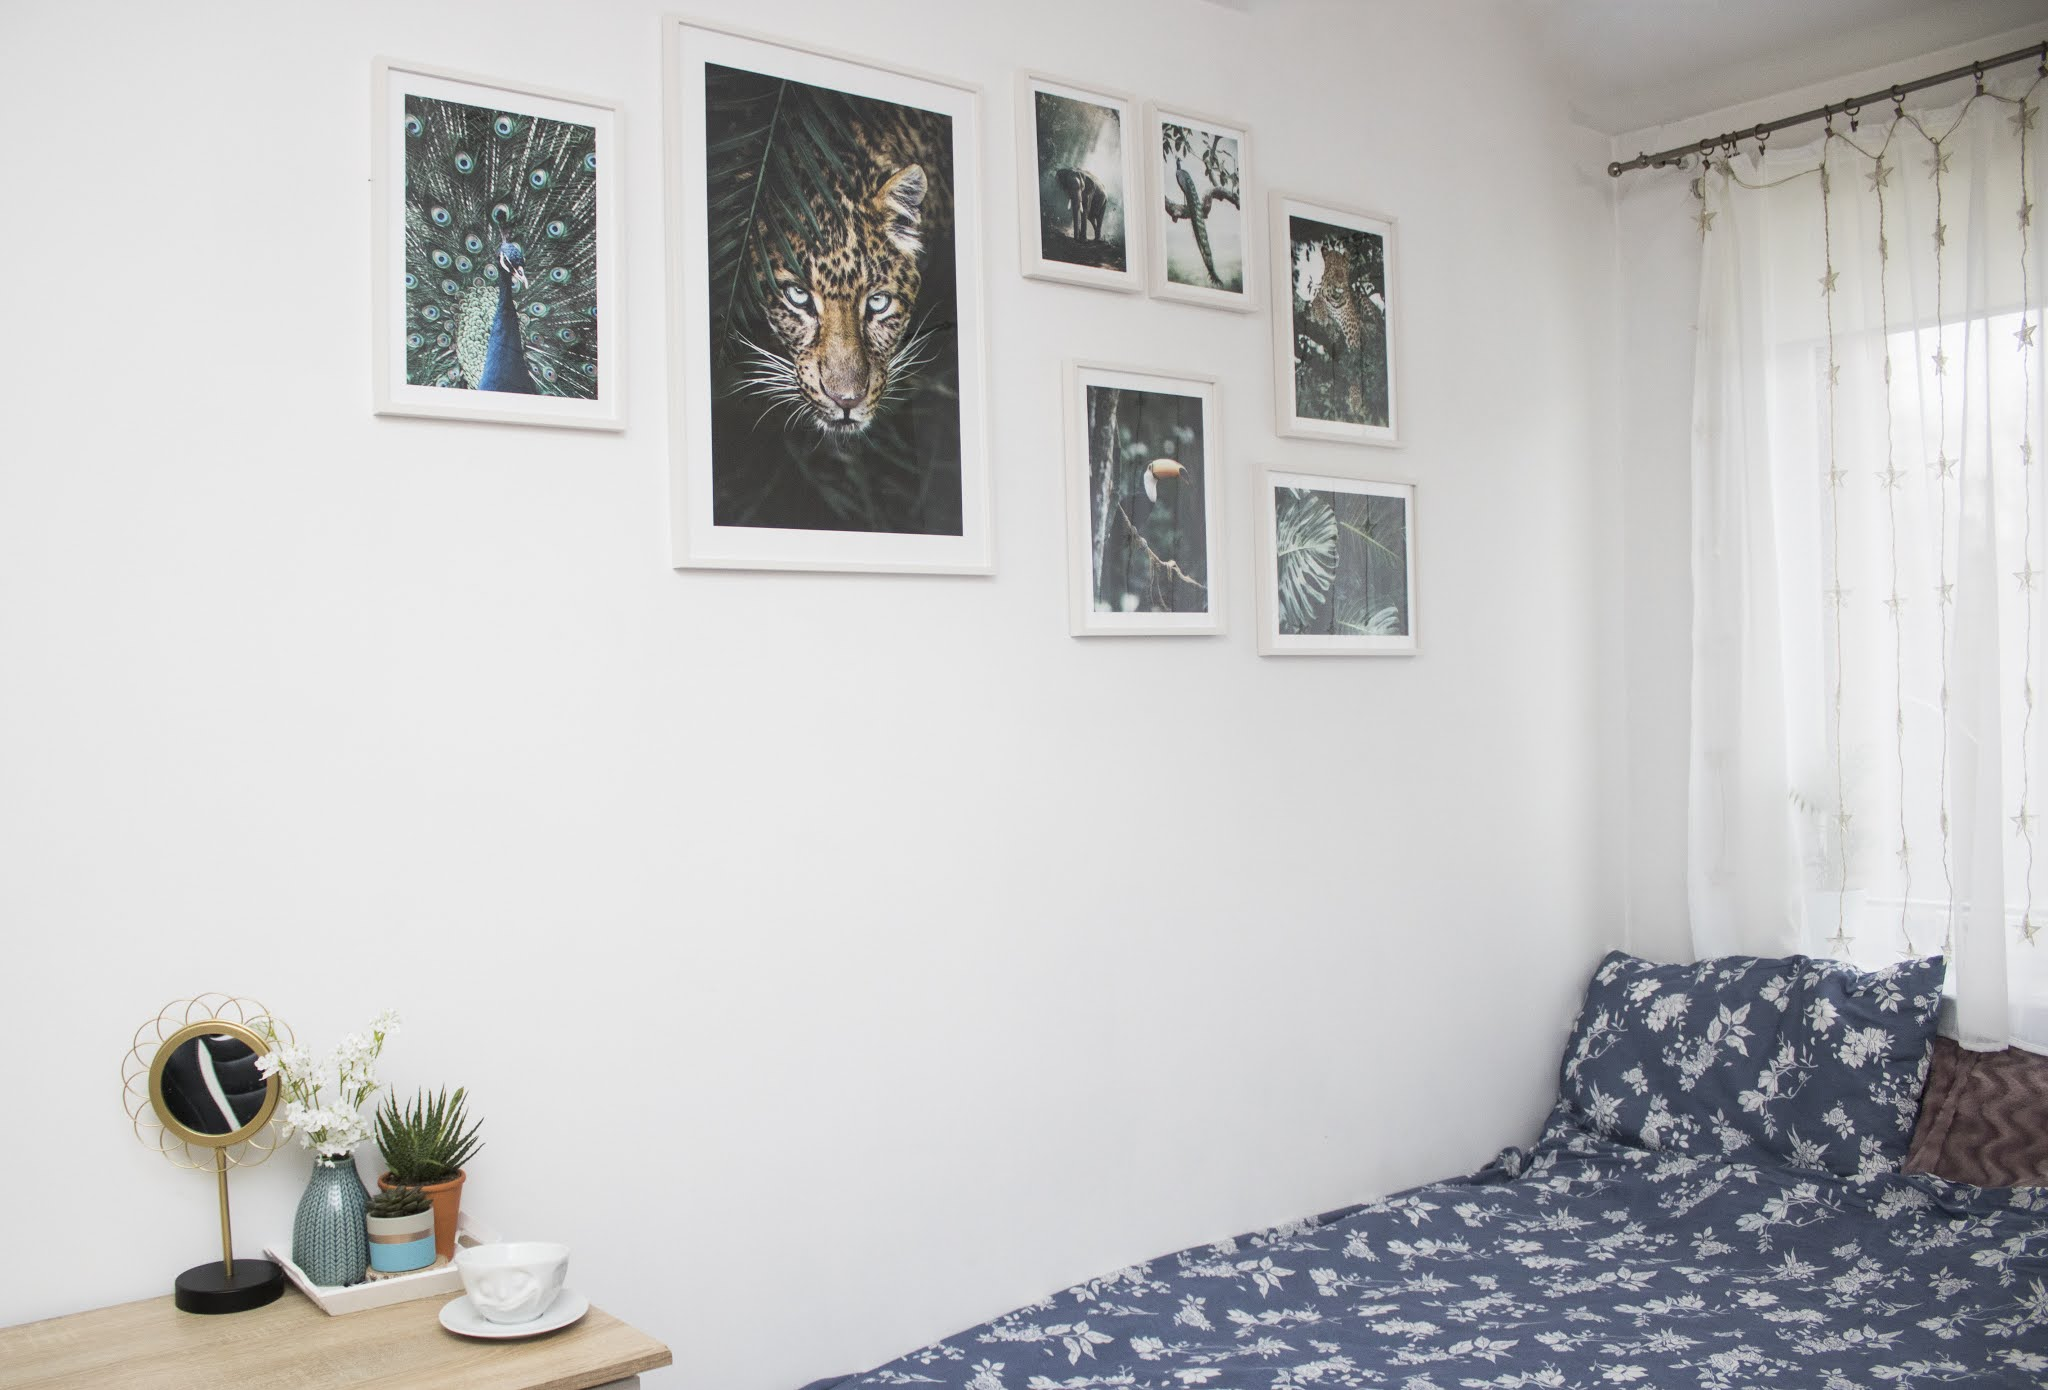 Dżungla w sypialni na ścianie - obrazy Poster Store